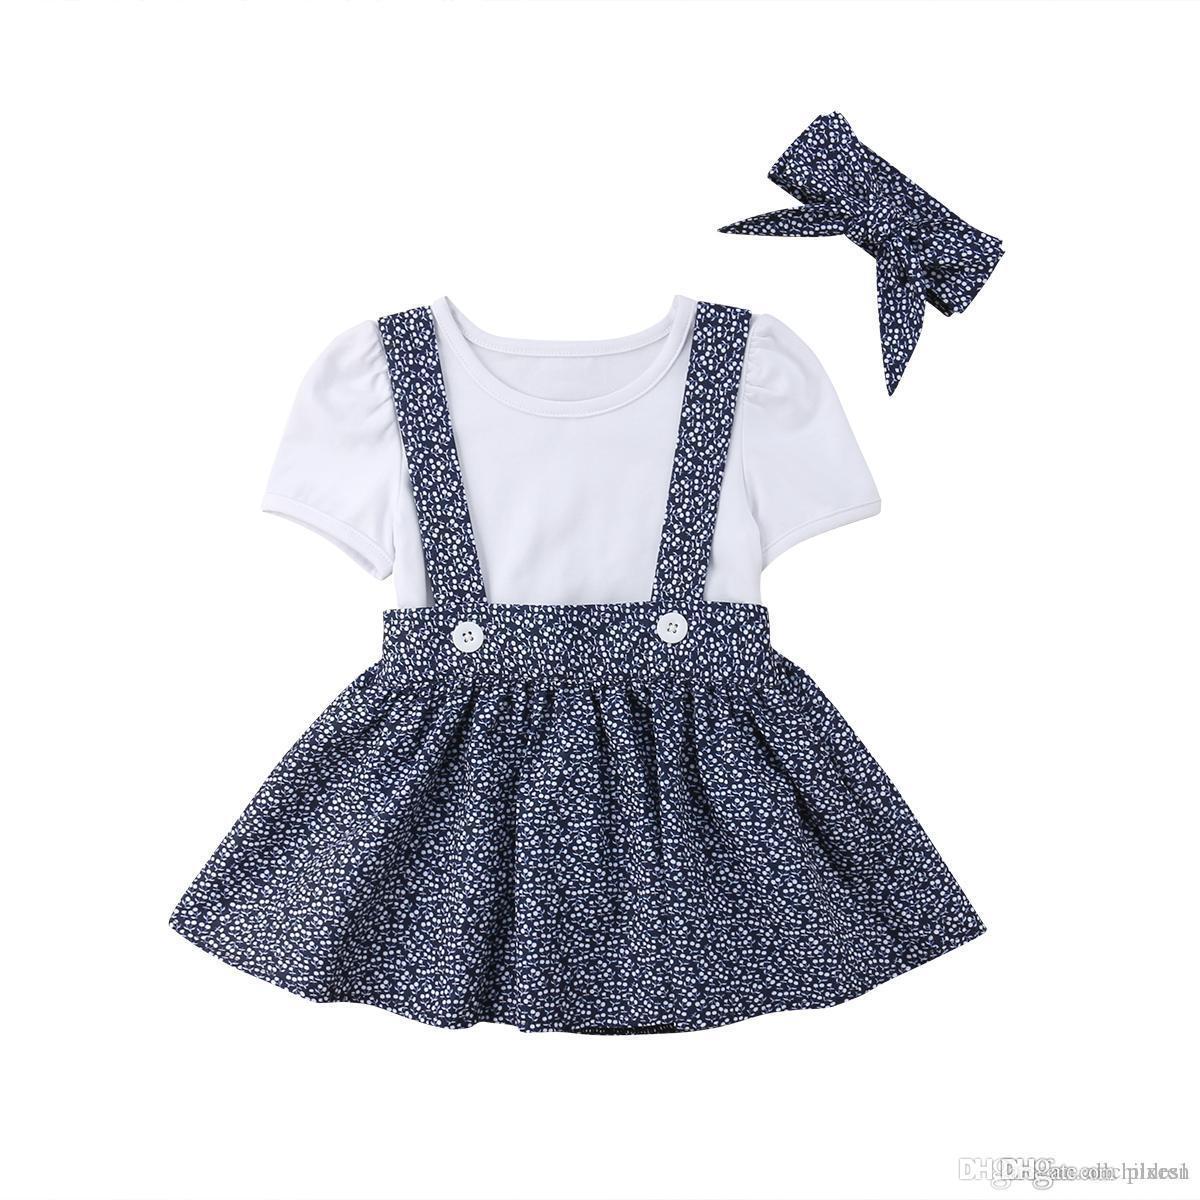 412d3cc4c 2019 Toddler Infant Kids Baby Girls Summer Short Sleeves Dress ...